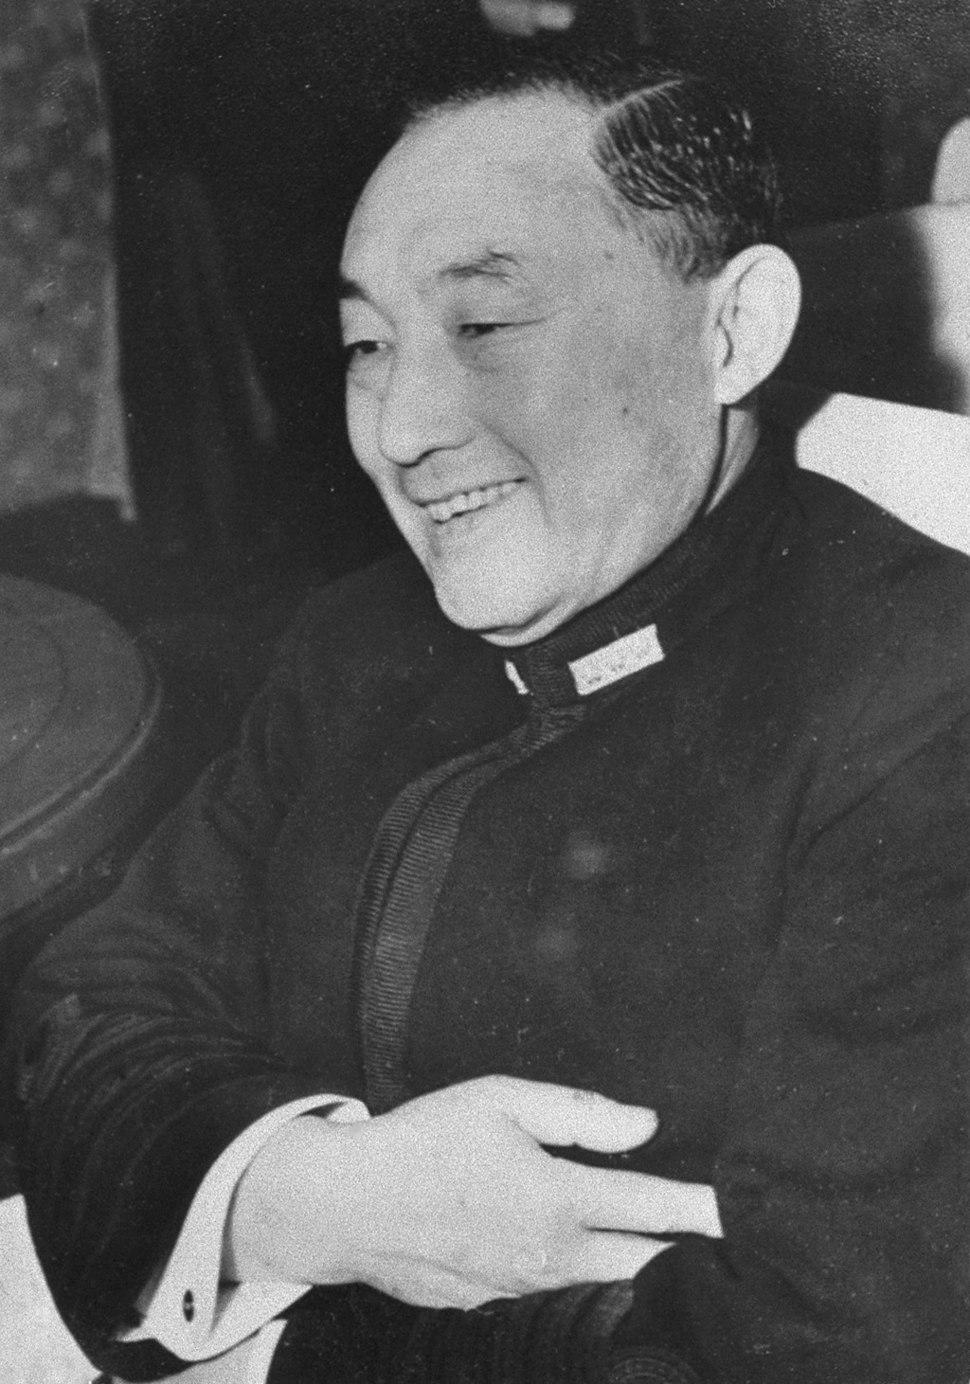 Mitsumasa Yonai smiling